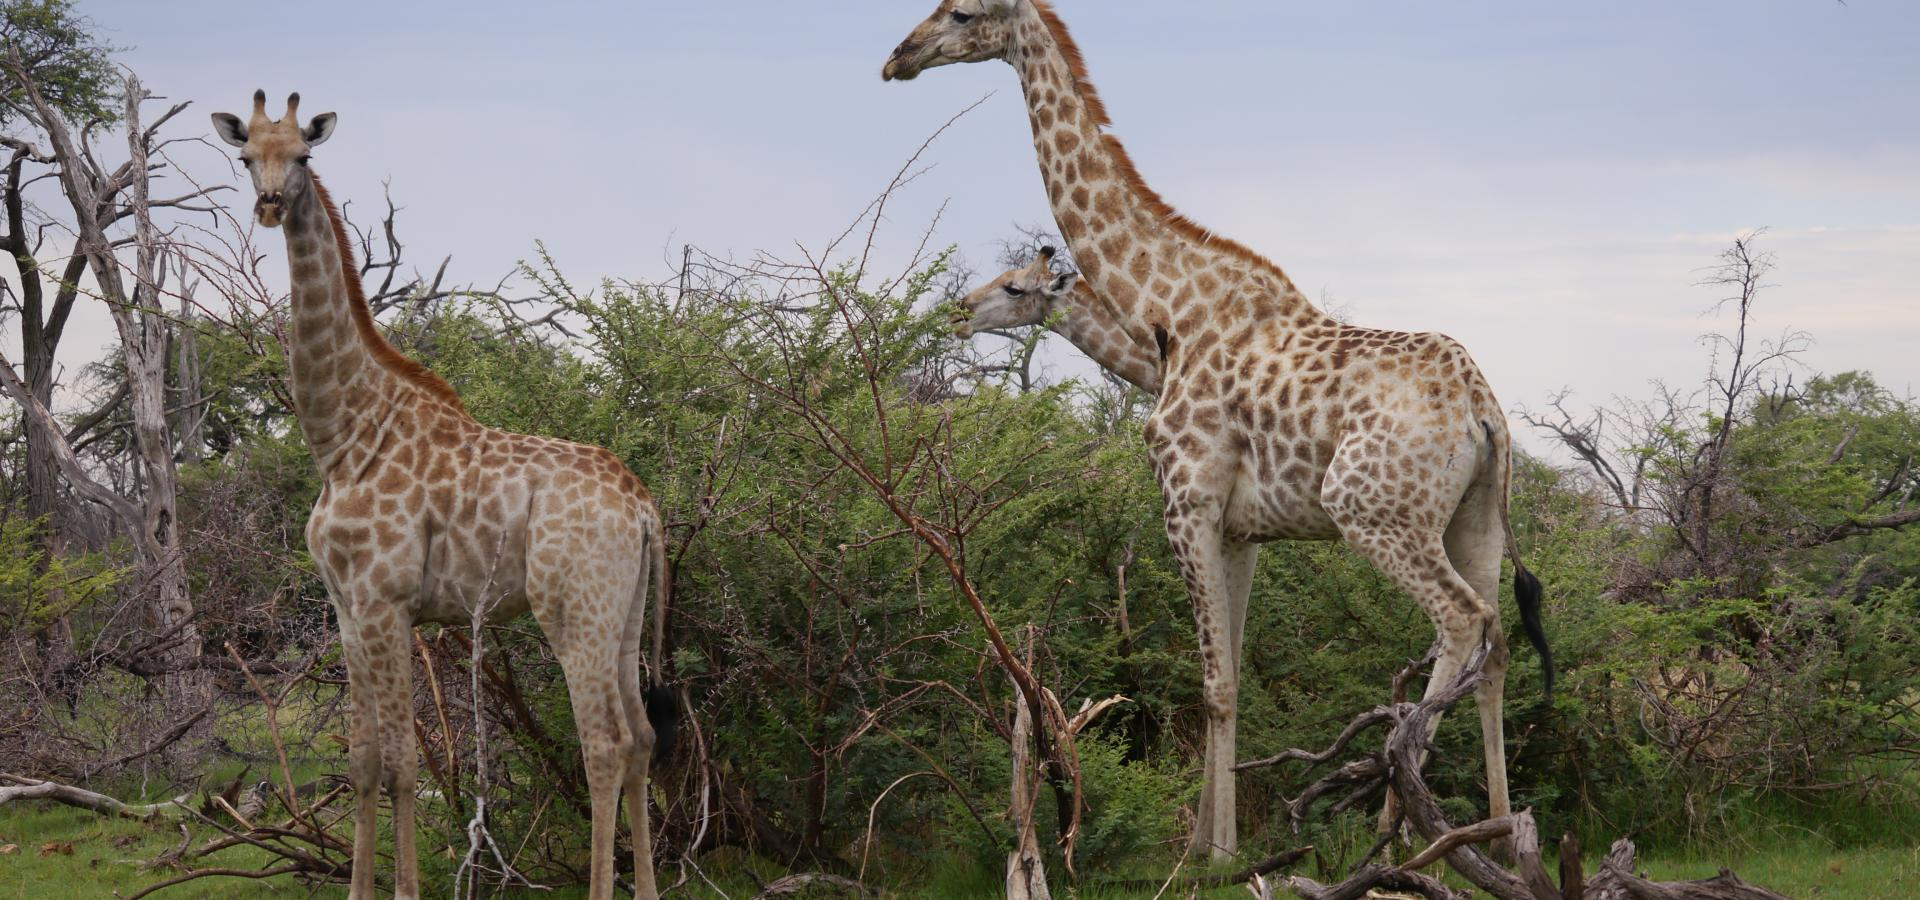 Gehen Sie auf interessante Pirschfahrten im Chobe National Park in Botswana und machen das Großwild ausfindig